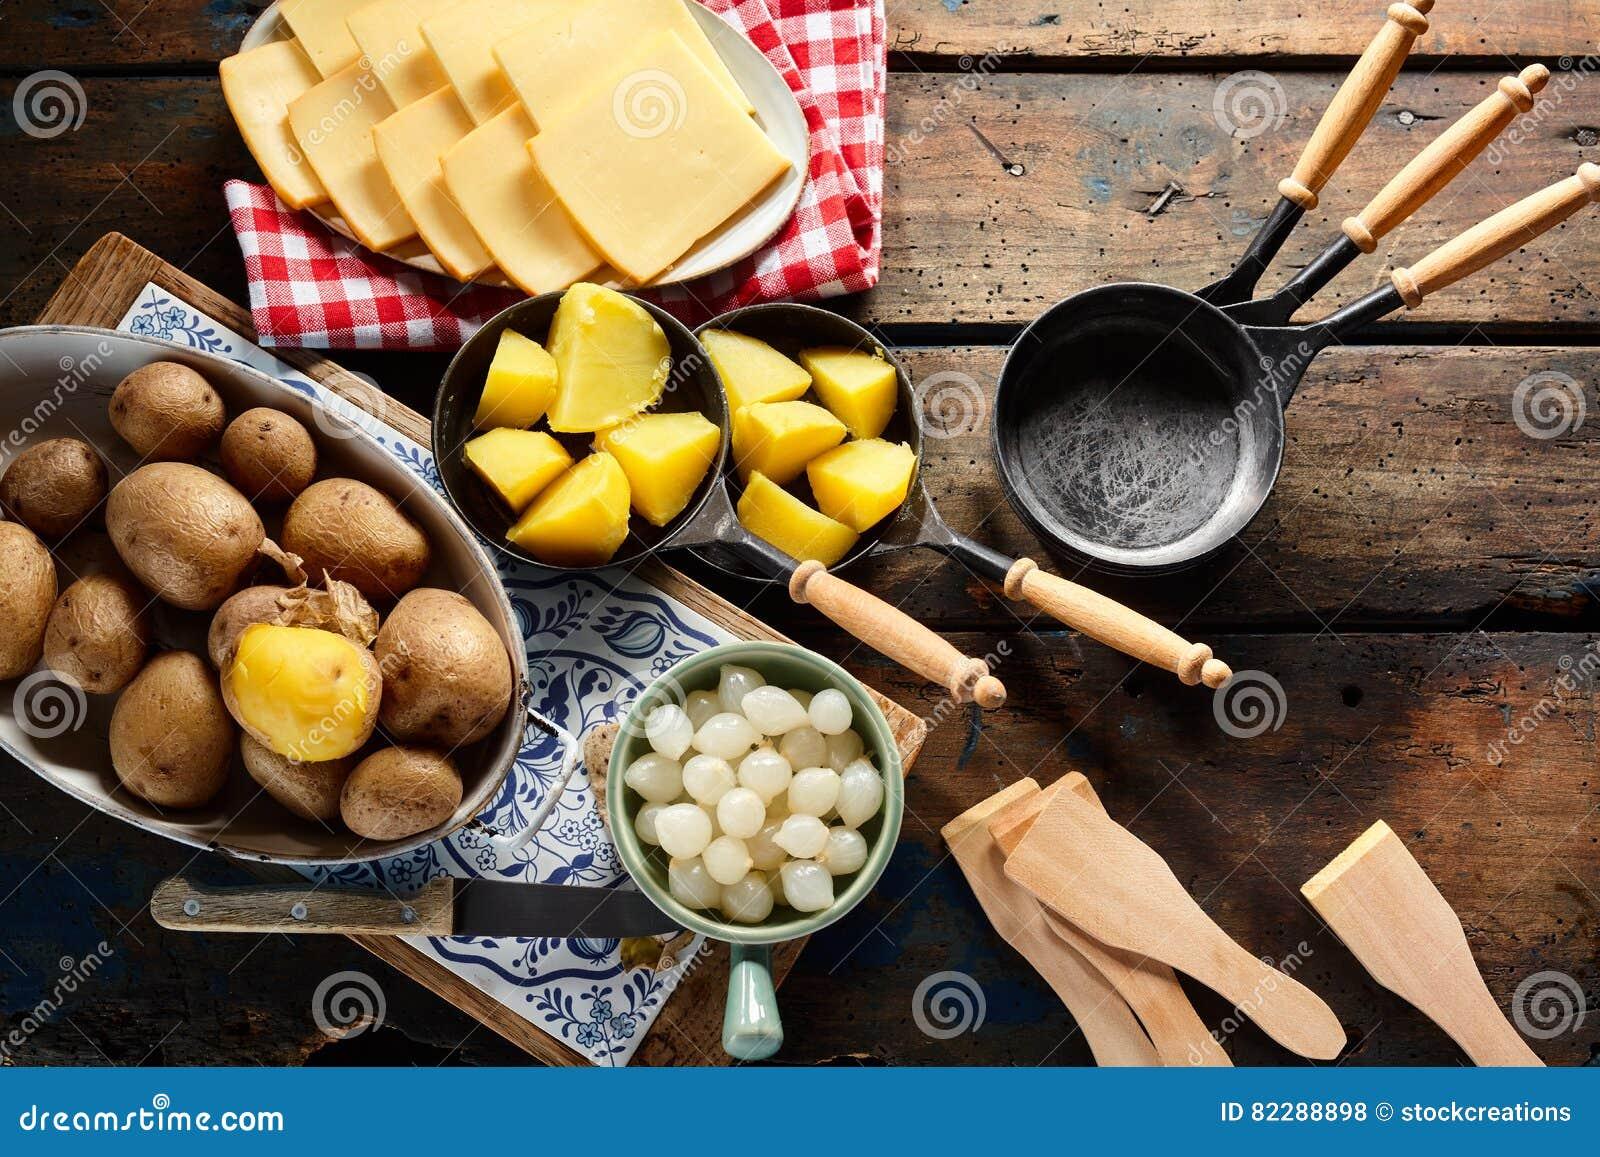 Pr paration d 39 un repas suisse traditionnel de raclette photo stock image du fond above 82288898 - Coupe fromage a raclette ...